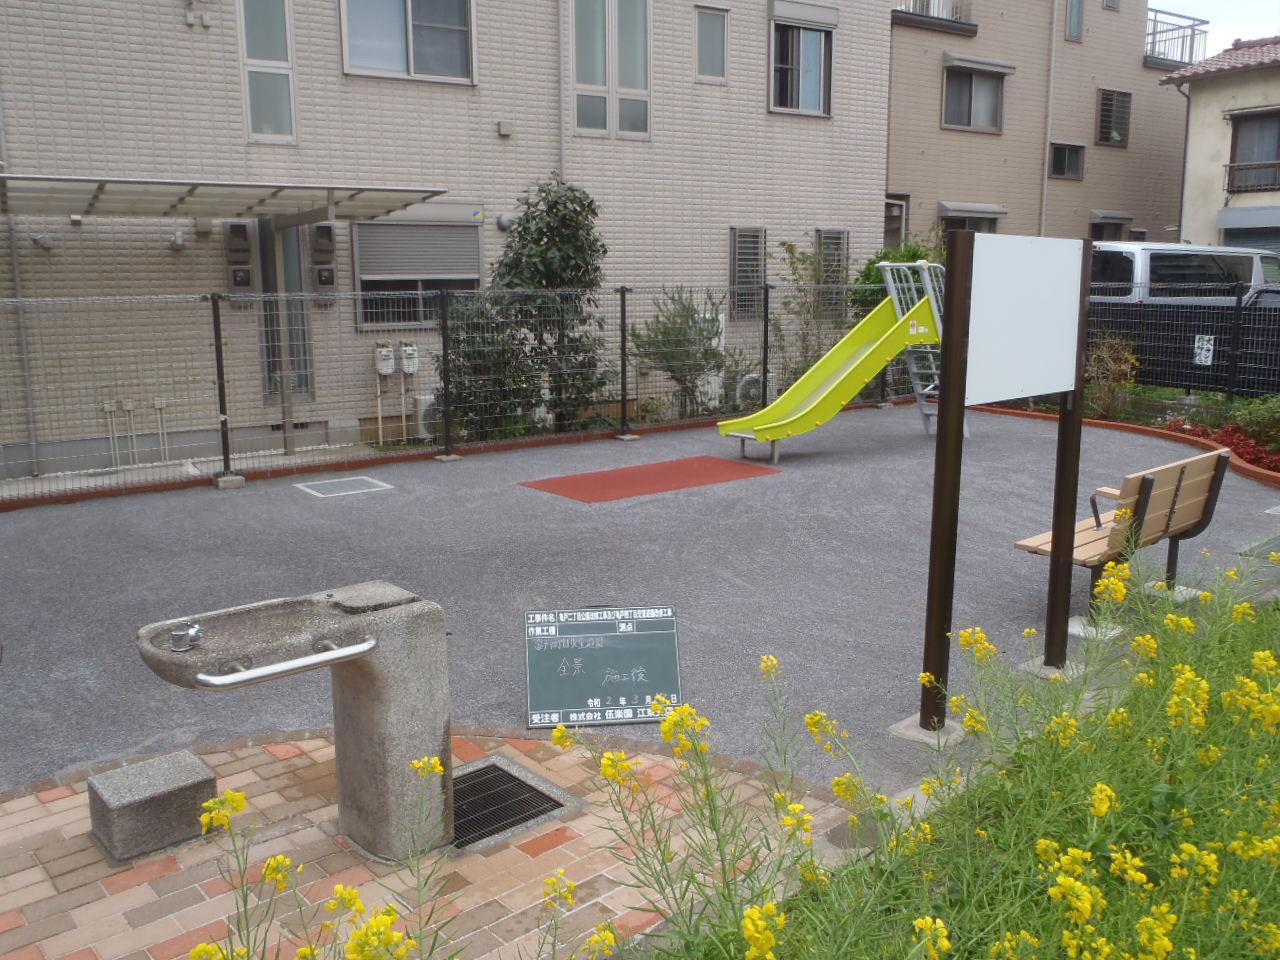 亀戸二丁目公園改修工事及び亀戸四丁目児童遊園改修工事竣工